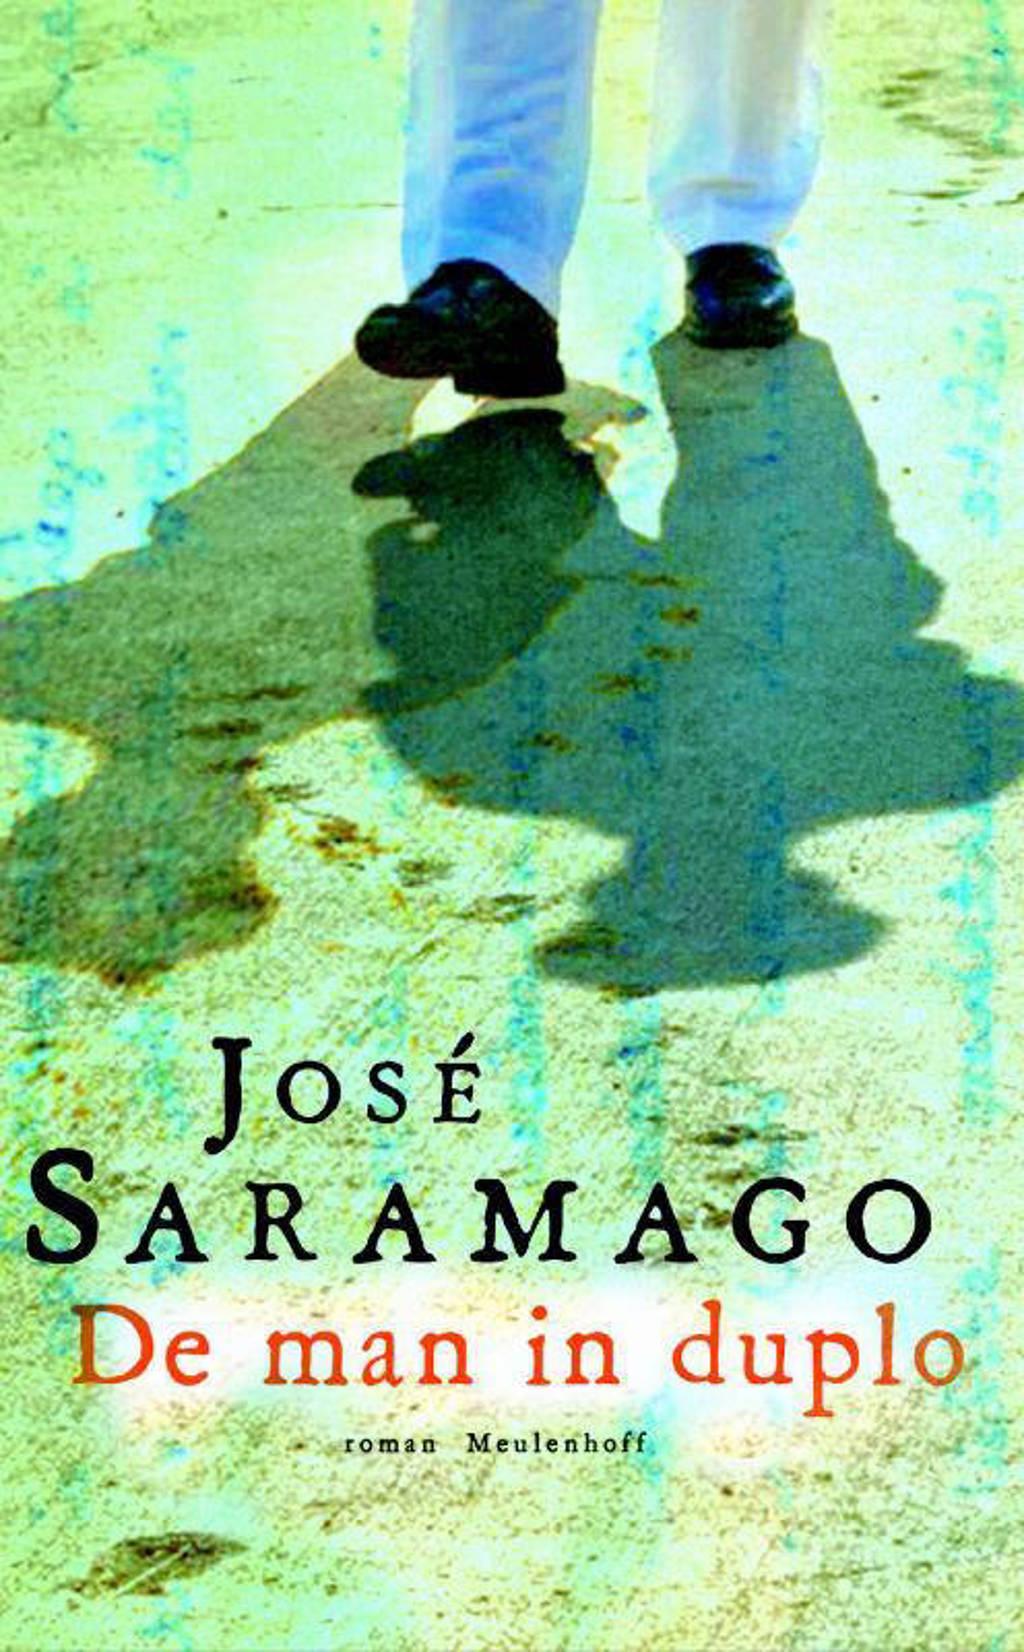 De man in duplo - José Saramago